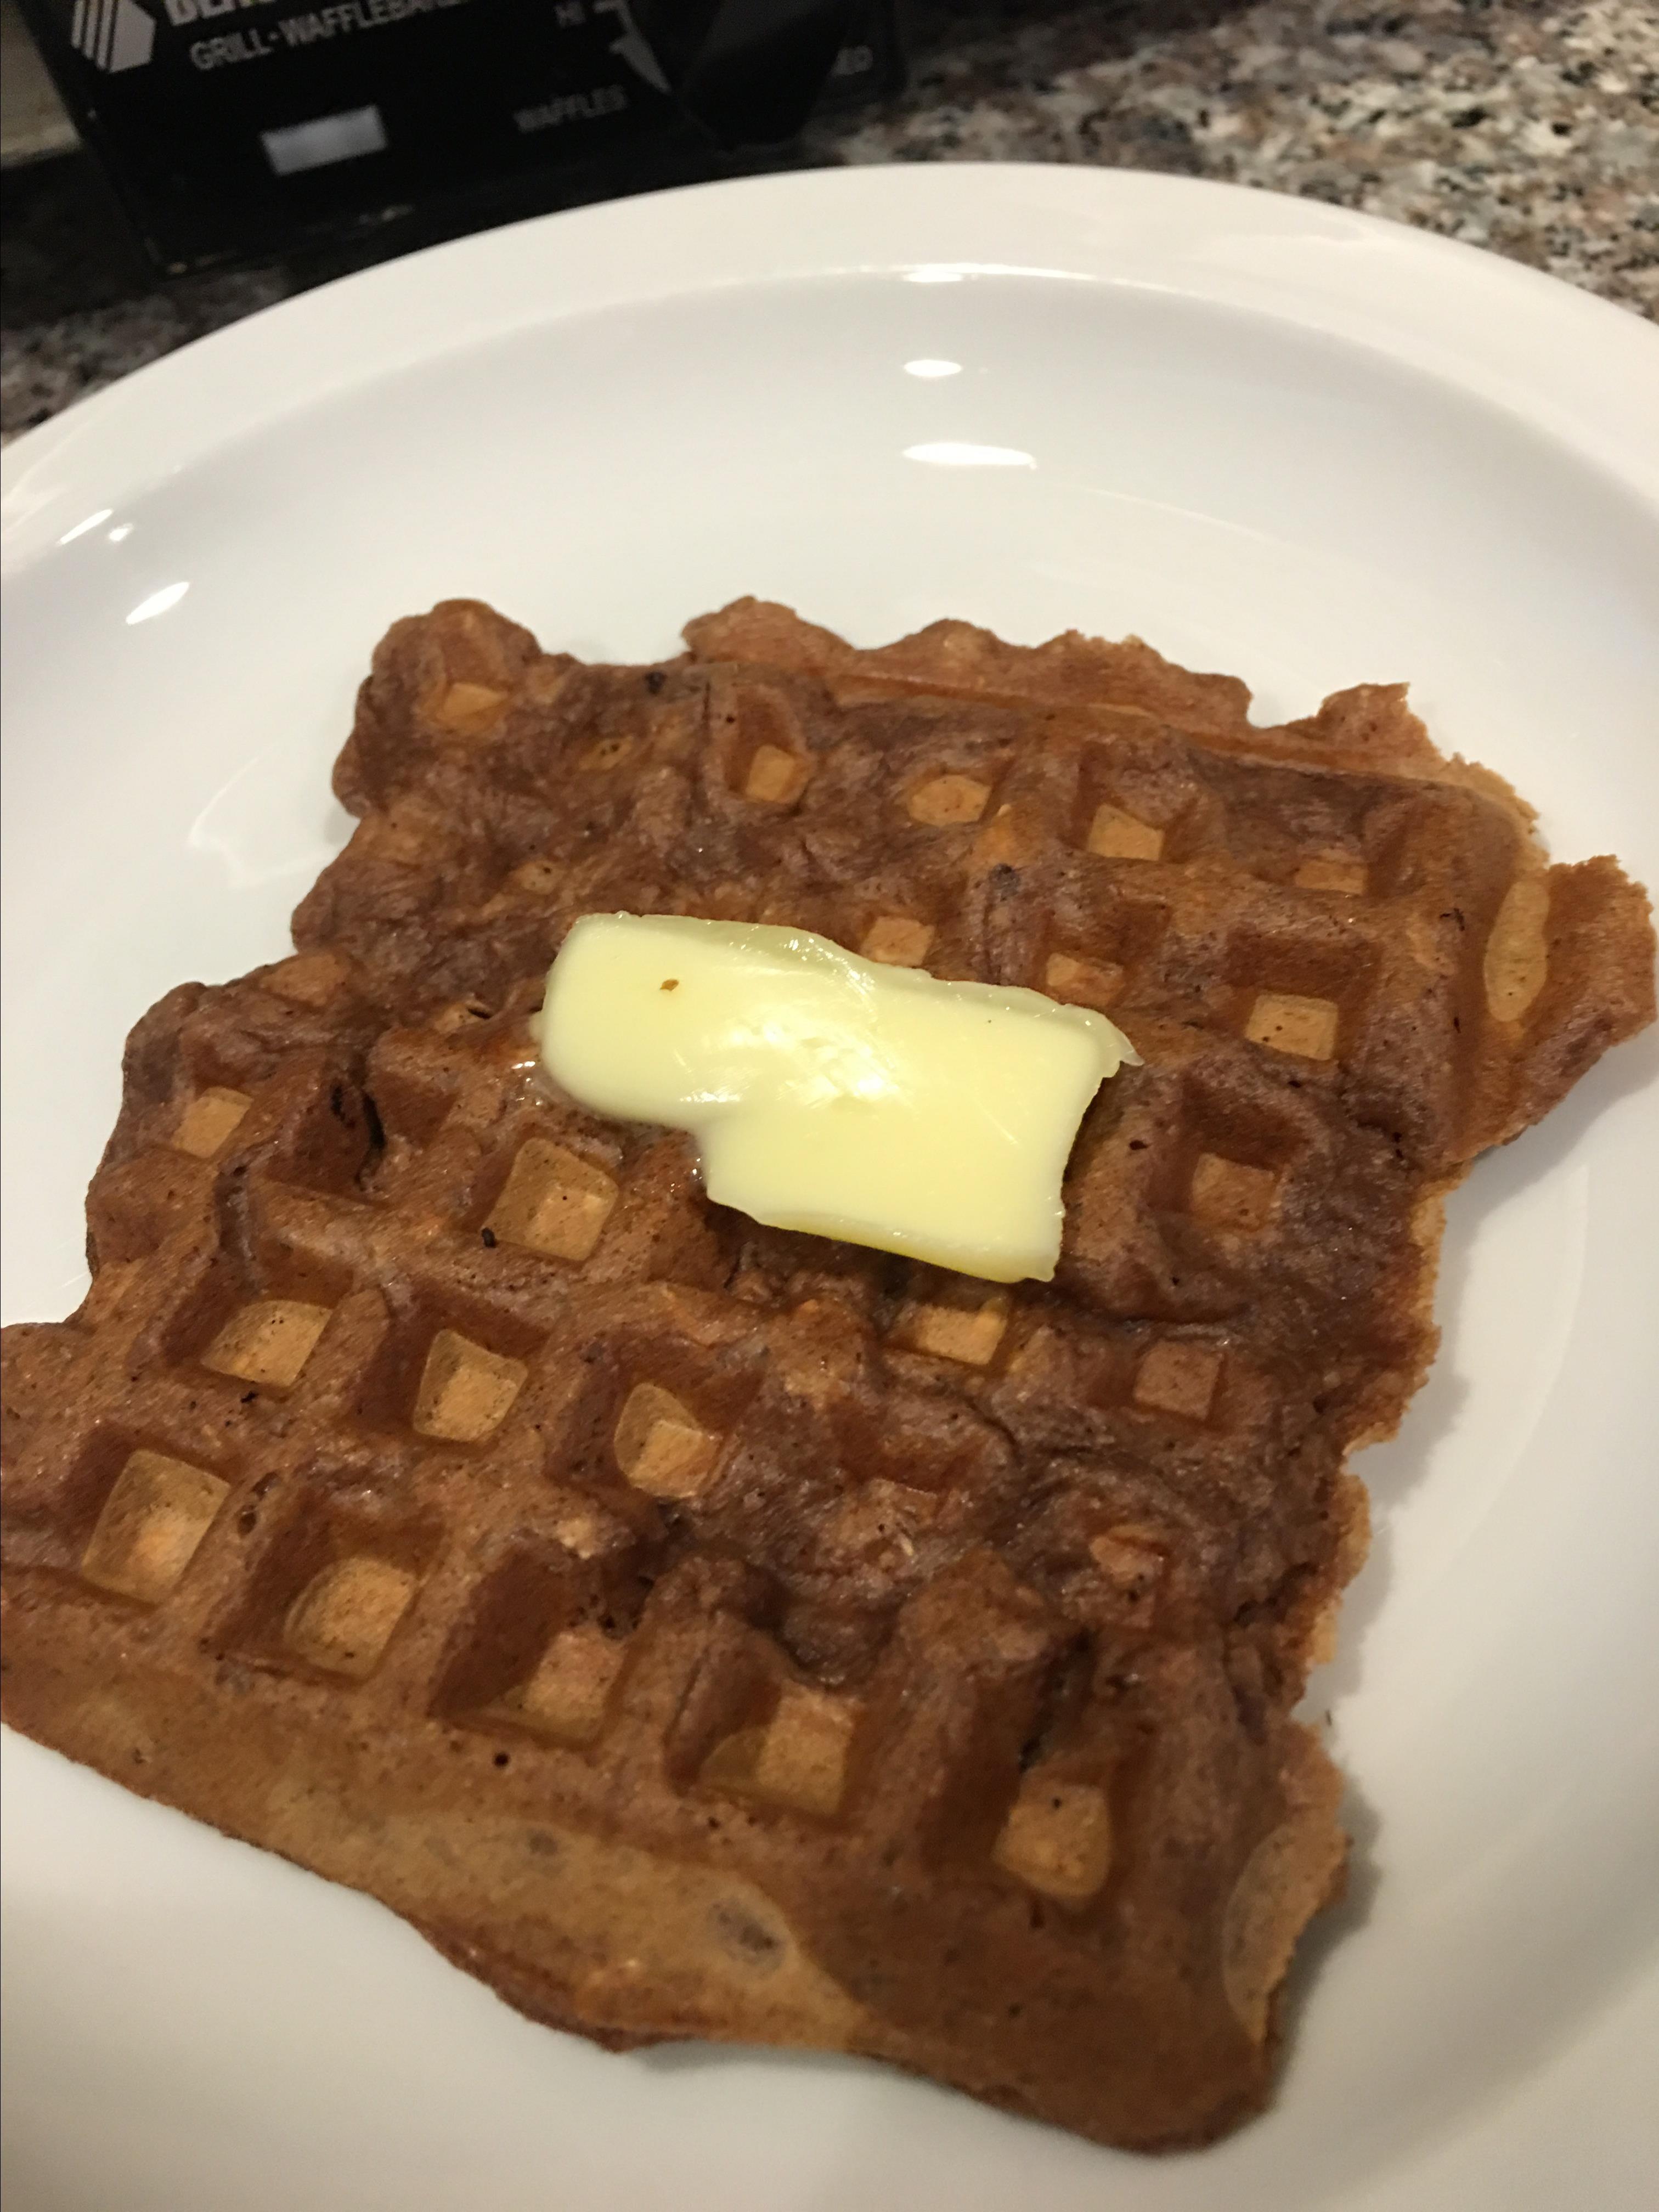 Carlie's Chocolate Oatmeal Waffles Stephanie